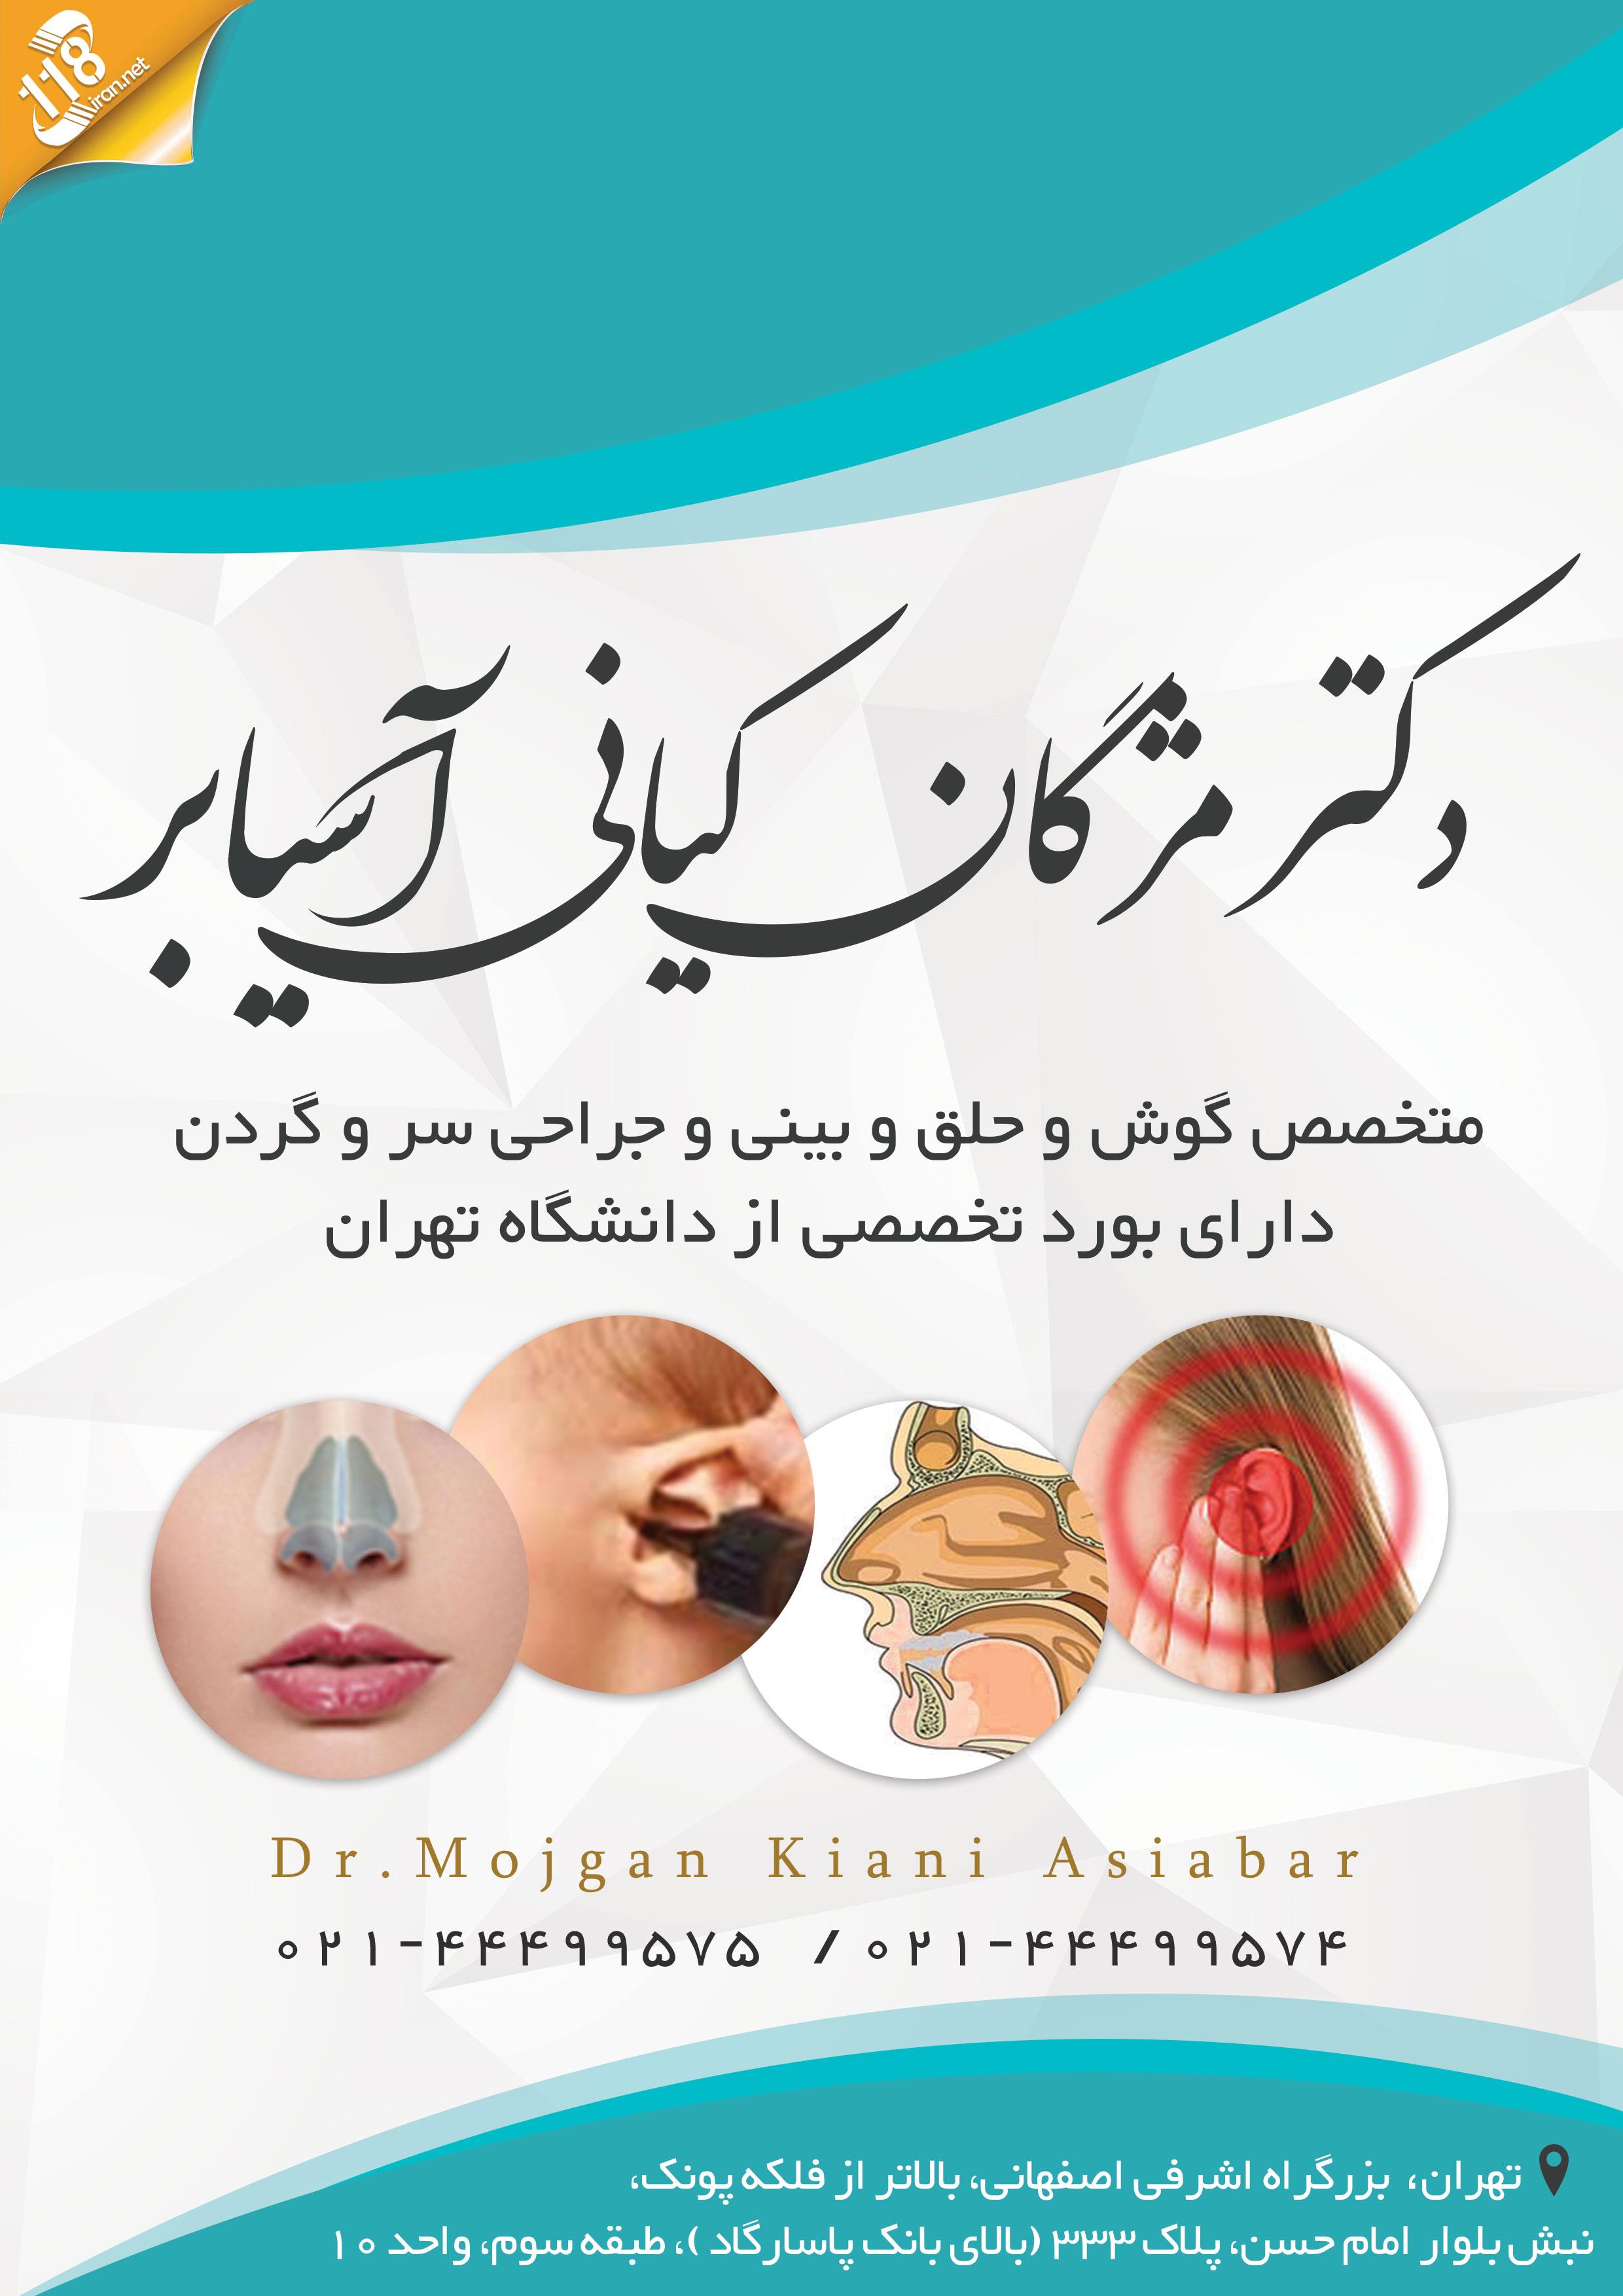 دکتر مژگان کیانی آسیابر در تهران